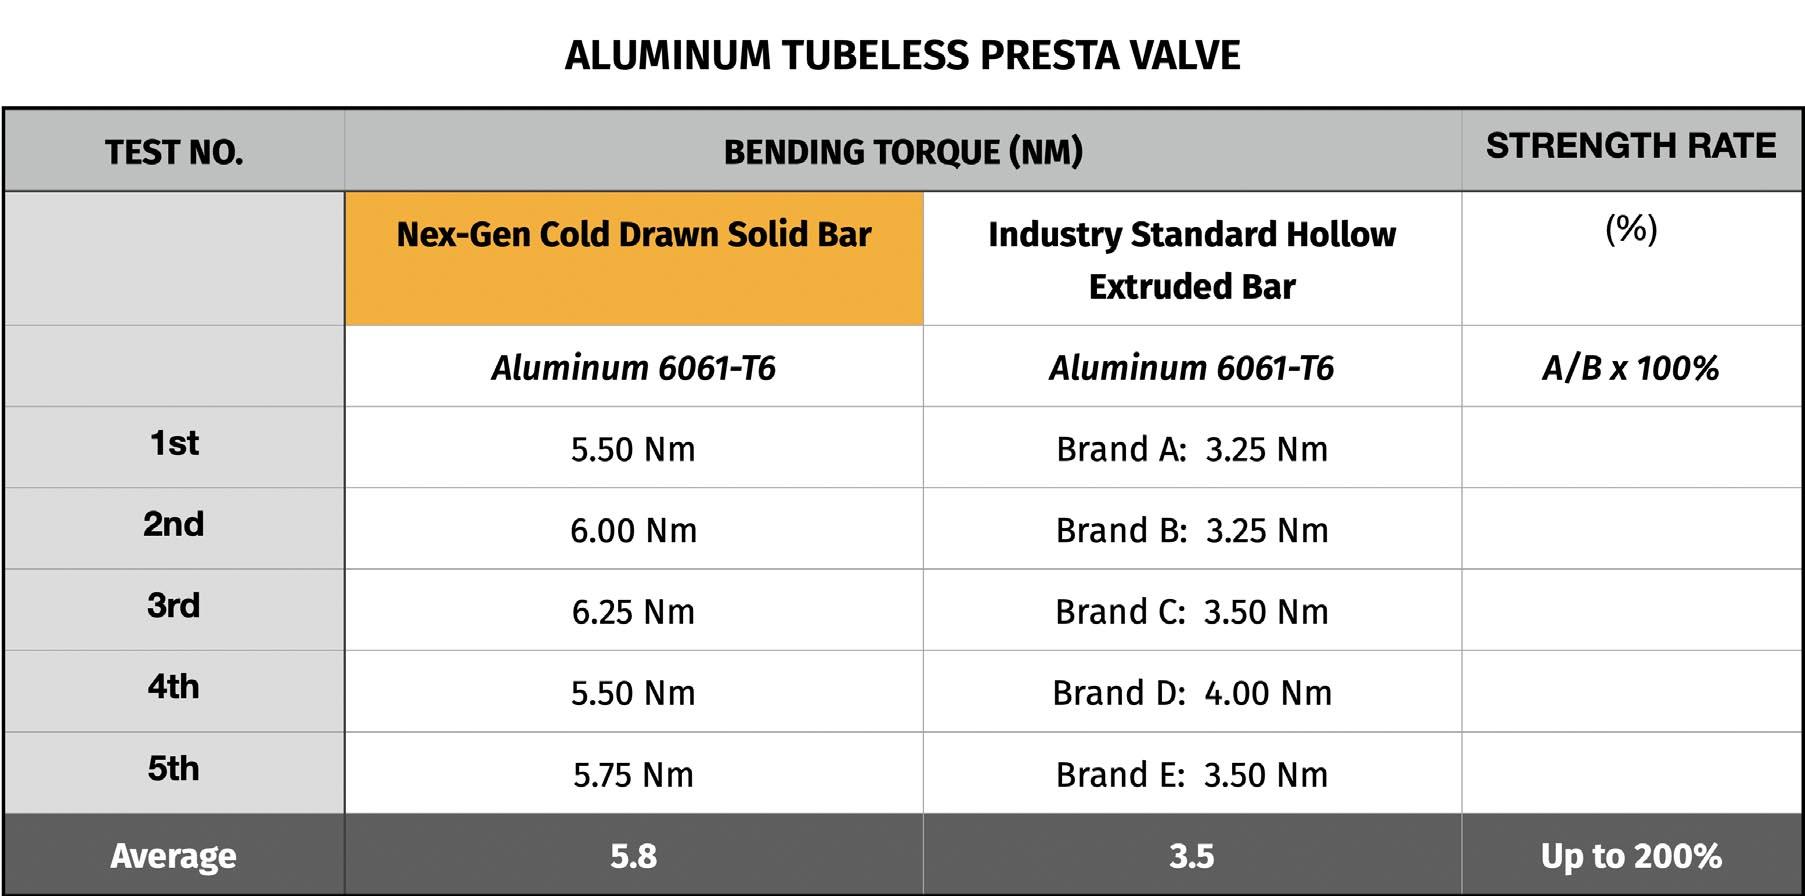 Nex-Gen Stem Gems tubeless valve strength